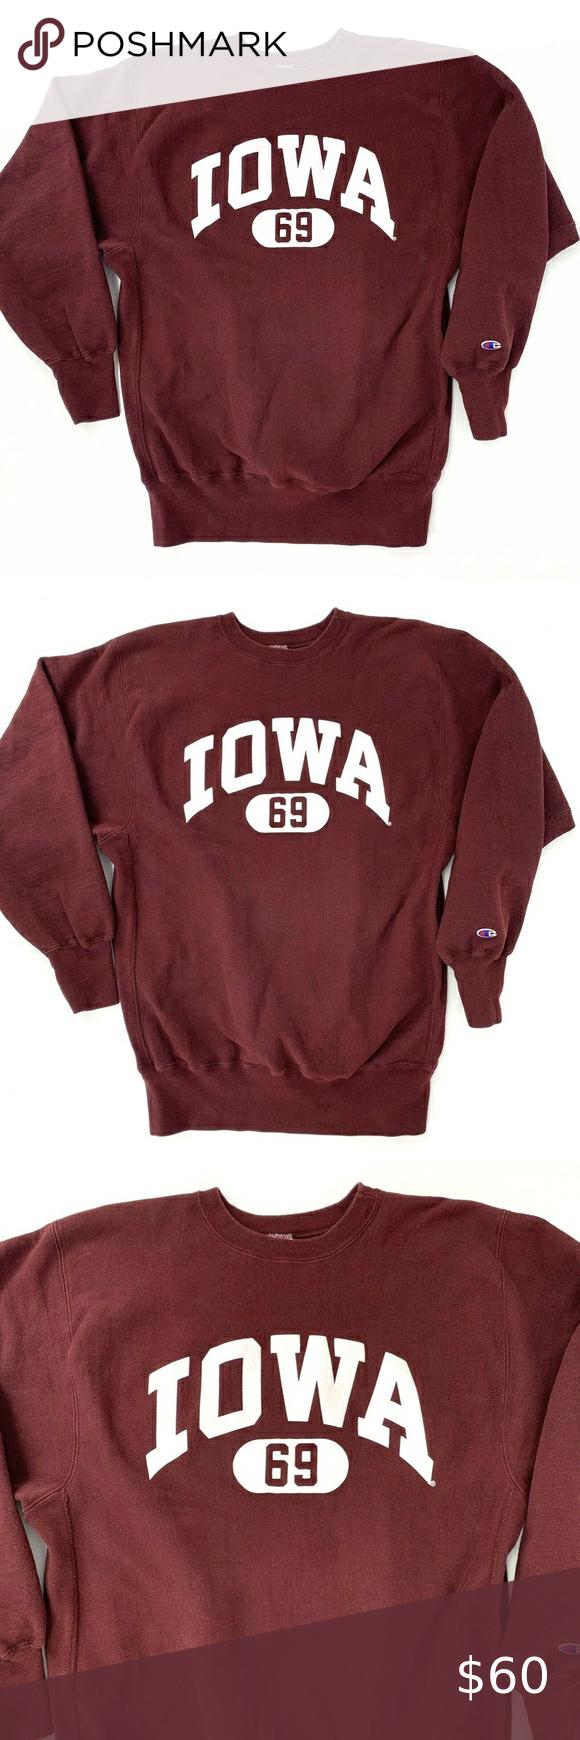 Vintage Iowa Hawkeyes 2xl Reverse Weave Sweatshirt Vtg Iowa Sweatshirt Fast Shipping Vintag Sweatshirts Champion Reverse Weave Sweatshirt Sweatshirt Shirt [ 1740 x 580 Pixel ]